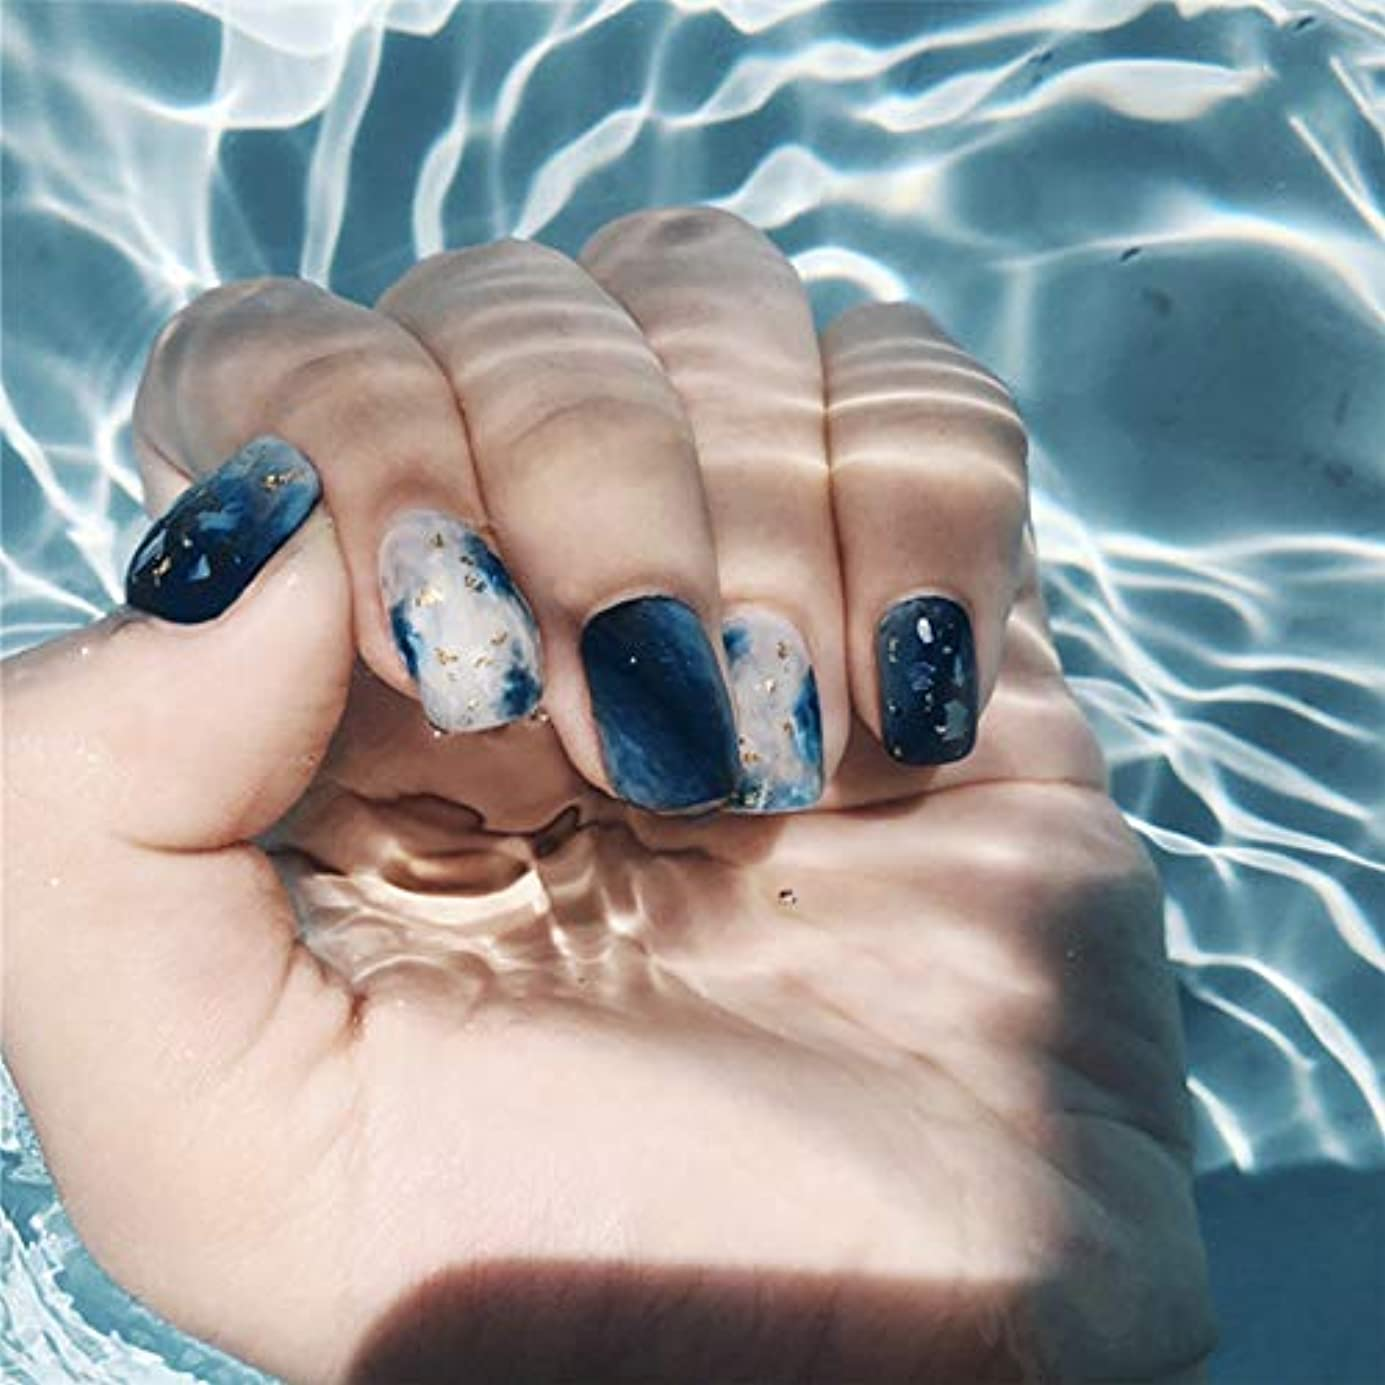 ポルトガル語寝てる施設XUTXZKA 女性のための24個のファッション偽爪ネイルアート大理石ブルースポット人工爪のヒント偽爪